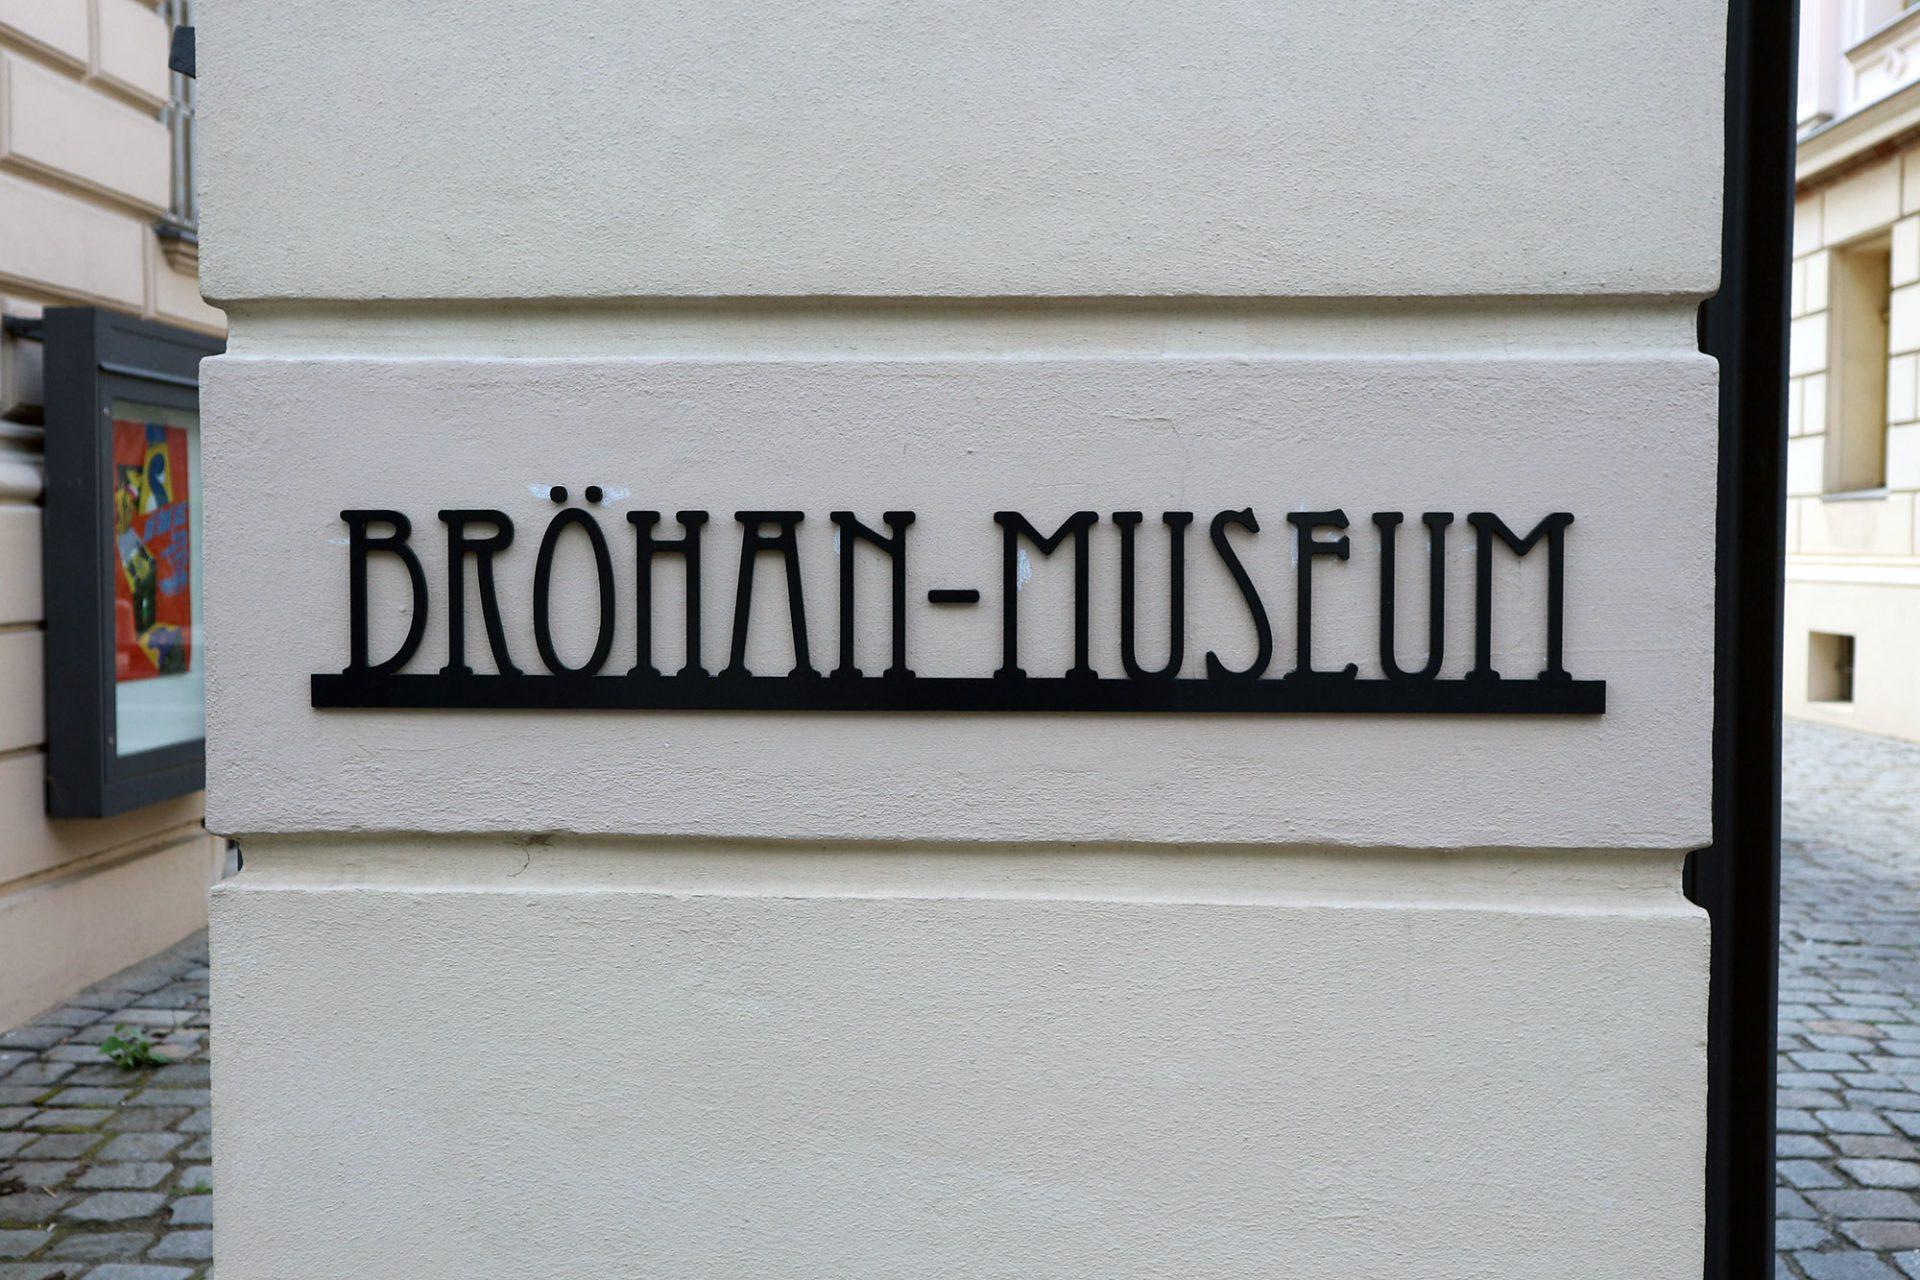 Großzügig.  Das Museum trägt den Namen seines Gründers. Karl Heinz Bröhan (1921-2000) schenkte der Stadt Berlin seine umfangreiche Privat-Sammlung an seinem sechzigsten Geburtstag. Bereits 1966 hatte er damit begonnen, Kunstwerke des Jugendstils und des Art déco zusammenzutragen.